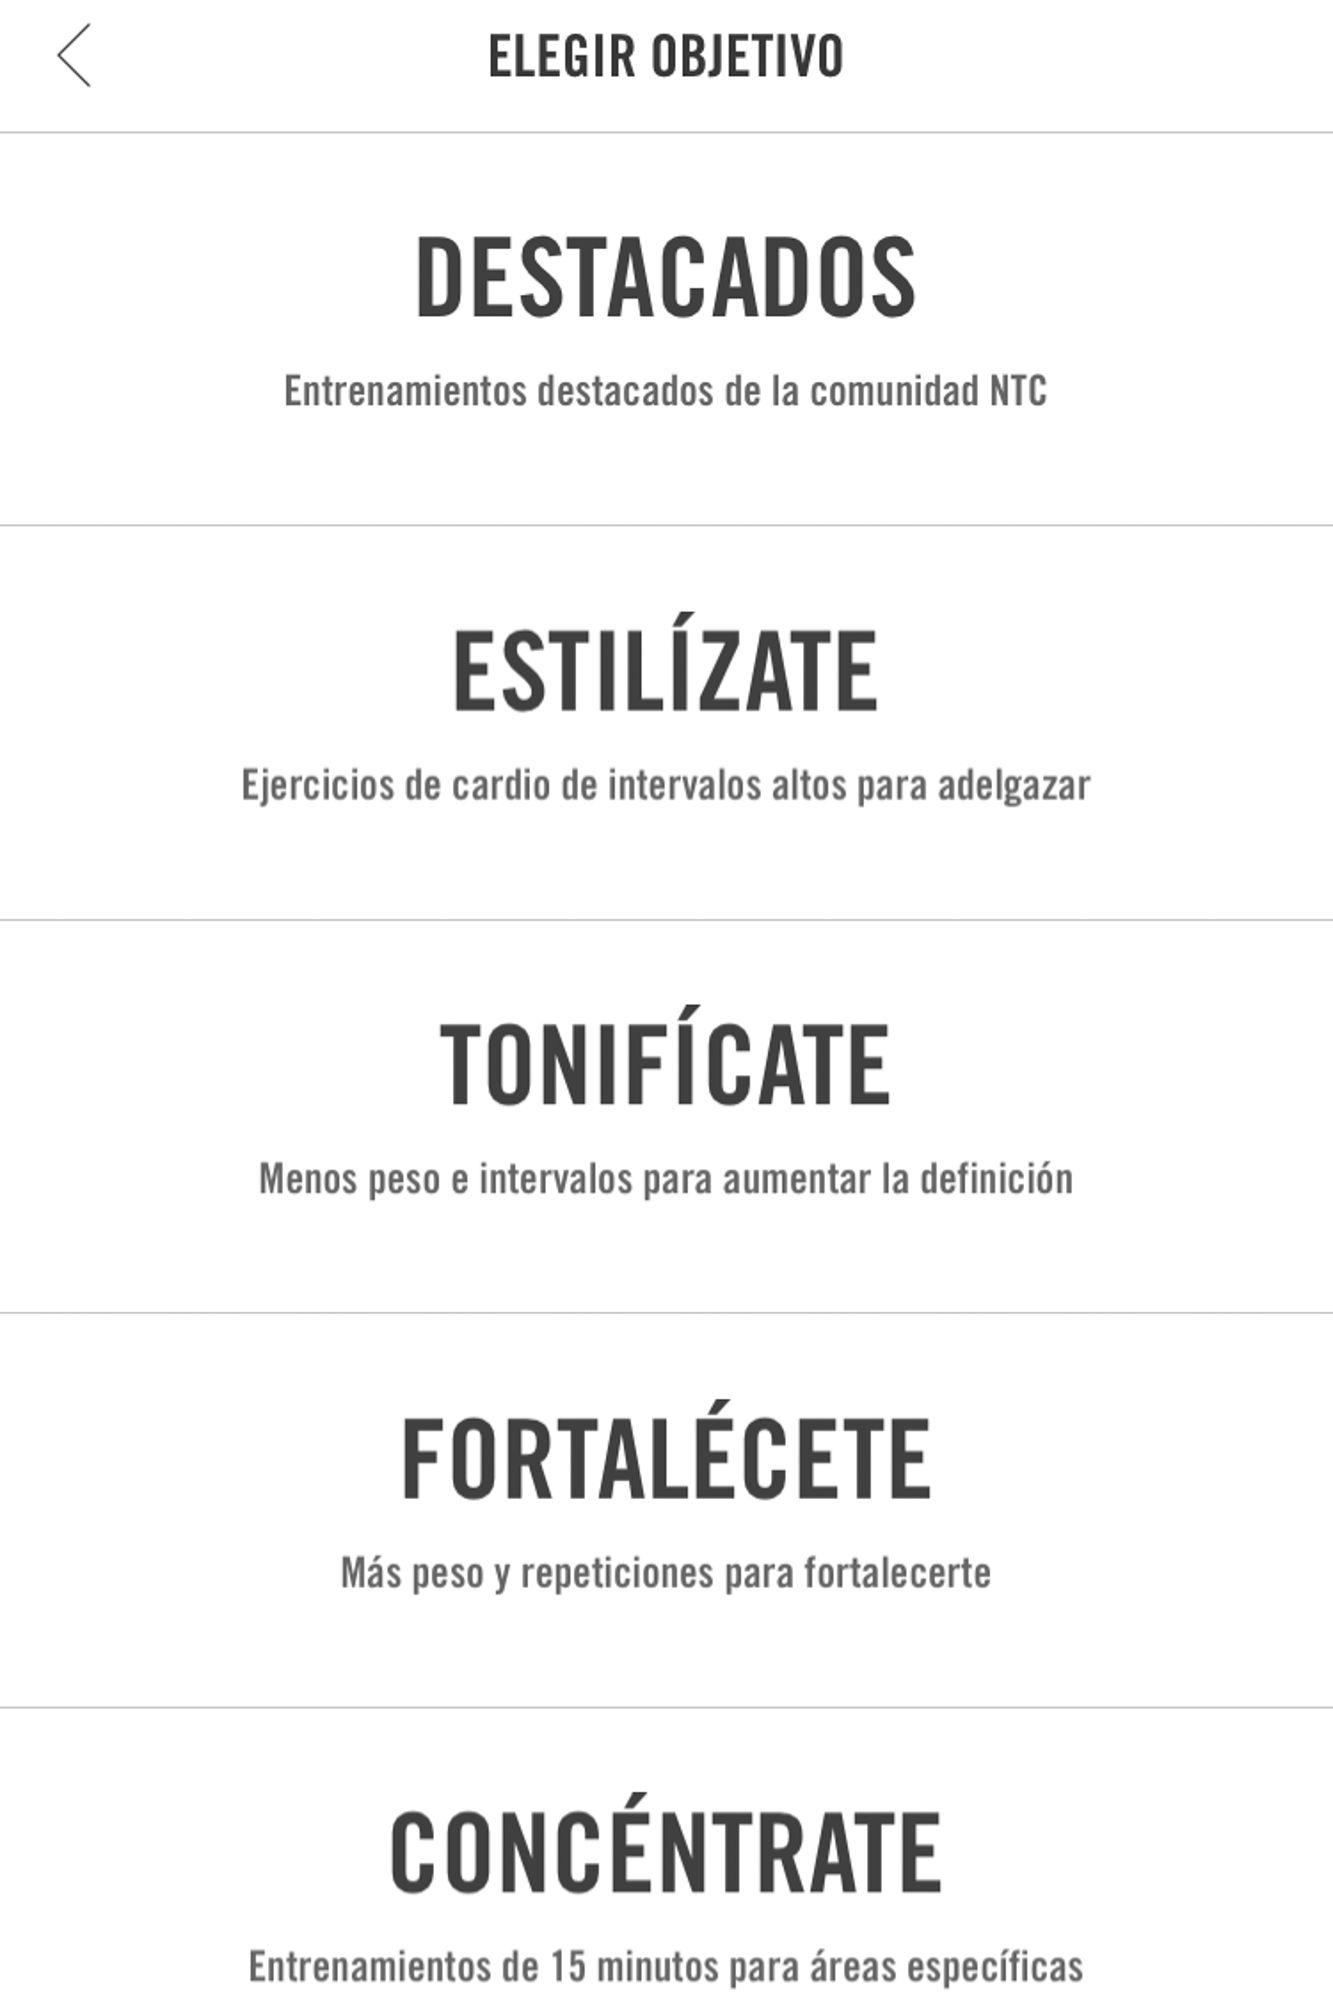 servidor Artesano césped  Nike Training: Mi entrenador personal - Mar Vidal · Deco & Lifestyle |  Entrenamiento, Entrenamiento de 15 minutos, Entrenador personal